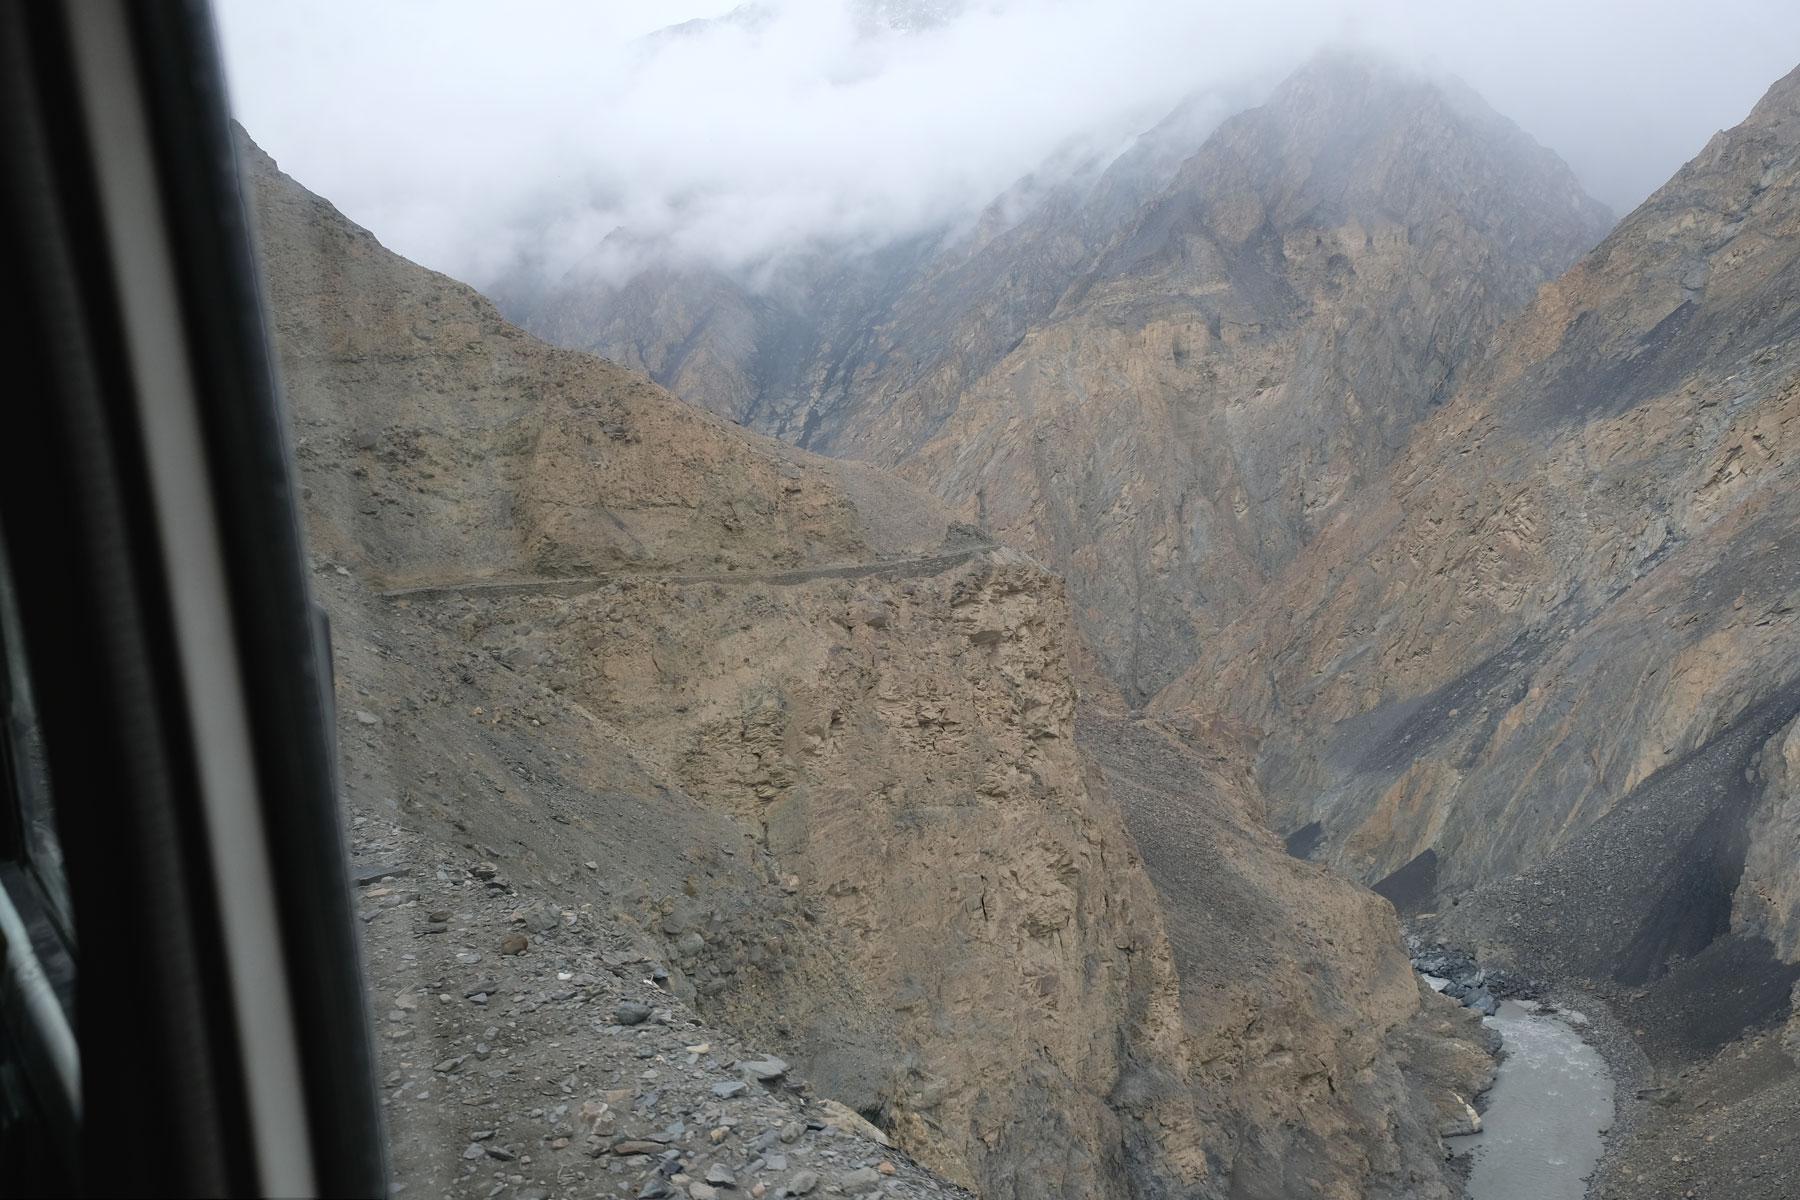 Schlucht im Karakorumgebirge.